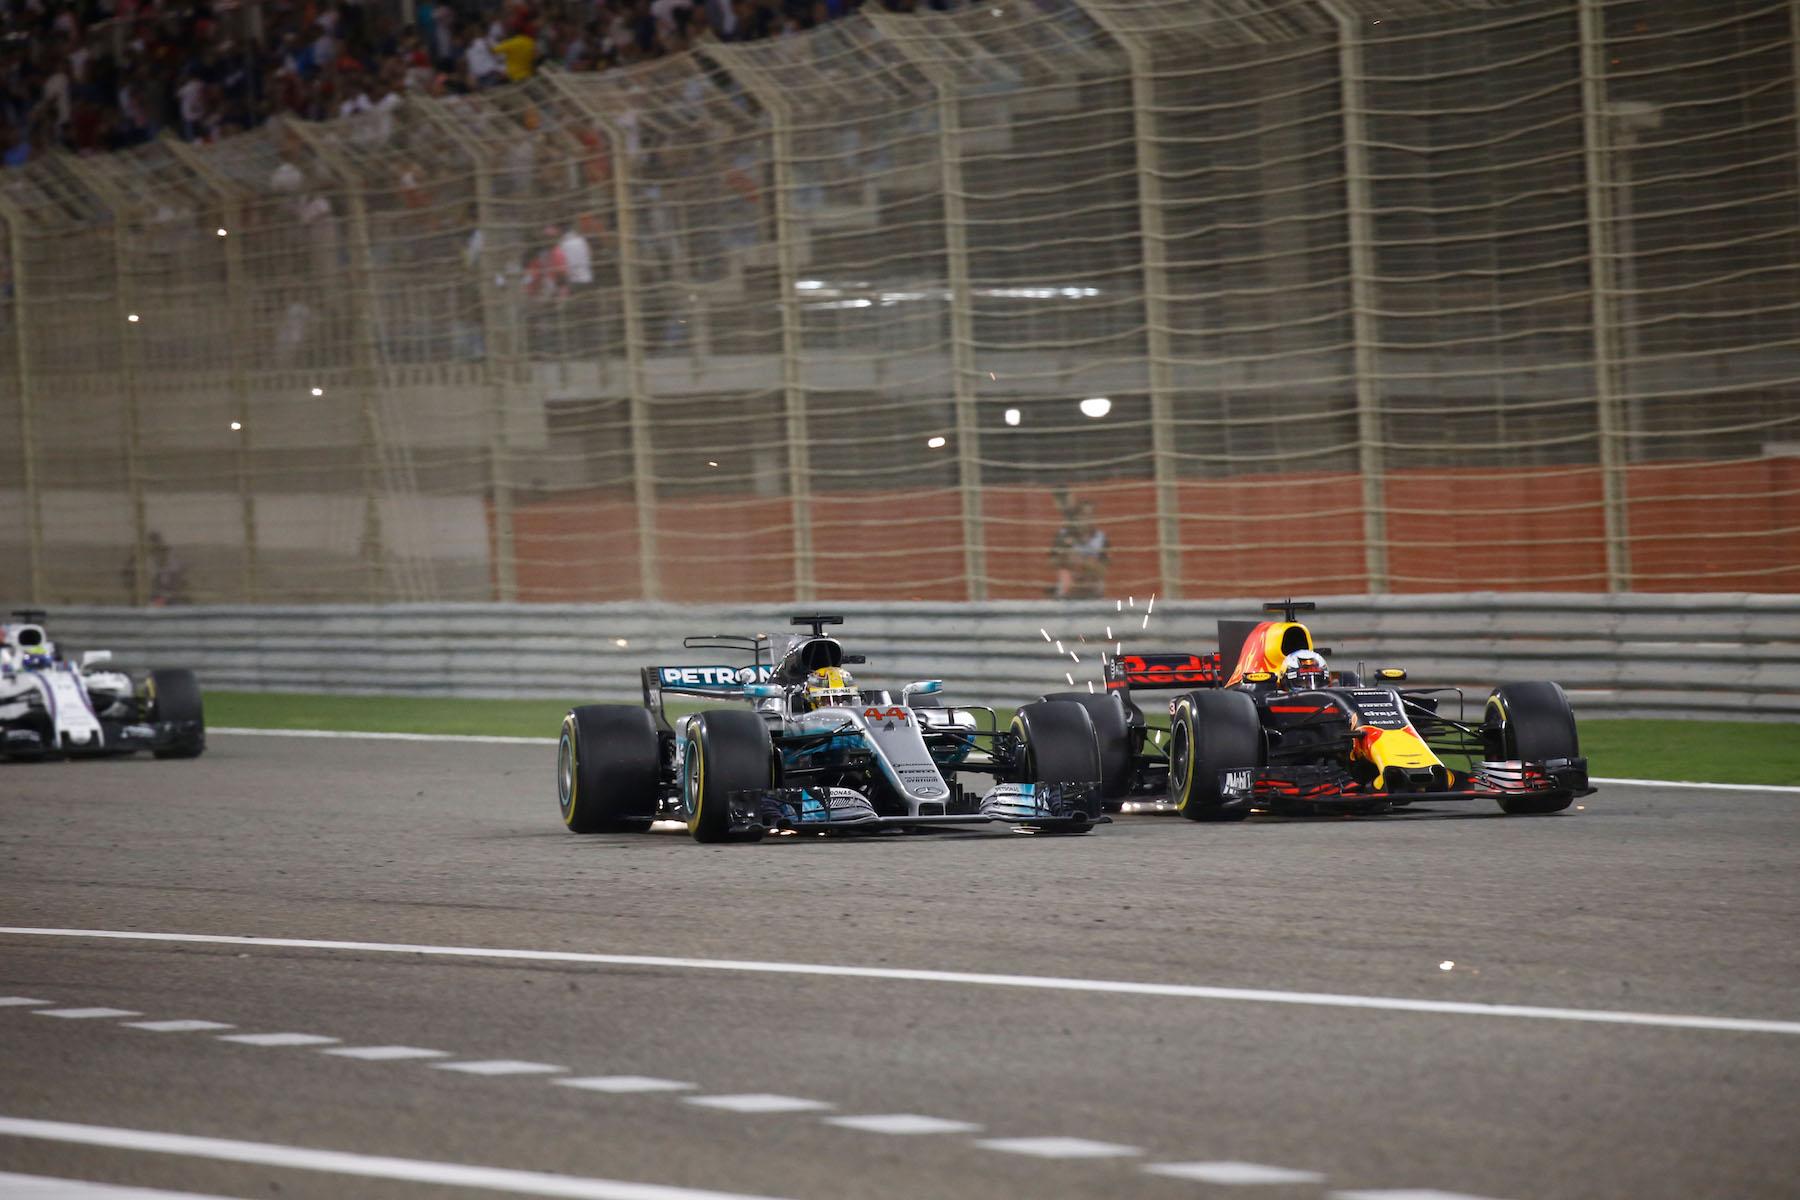 H 2017 Lewis Hamilton   Mercedes W08   2017 Bahrain GP P2  2 copy.jpg